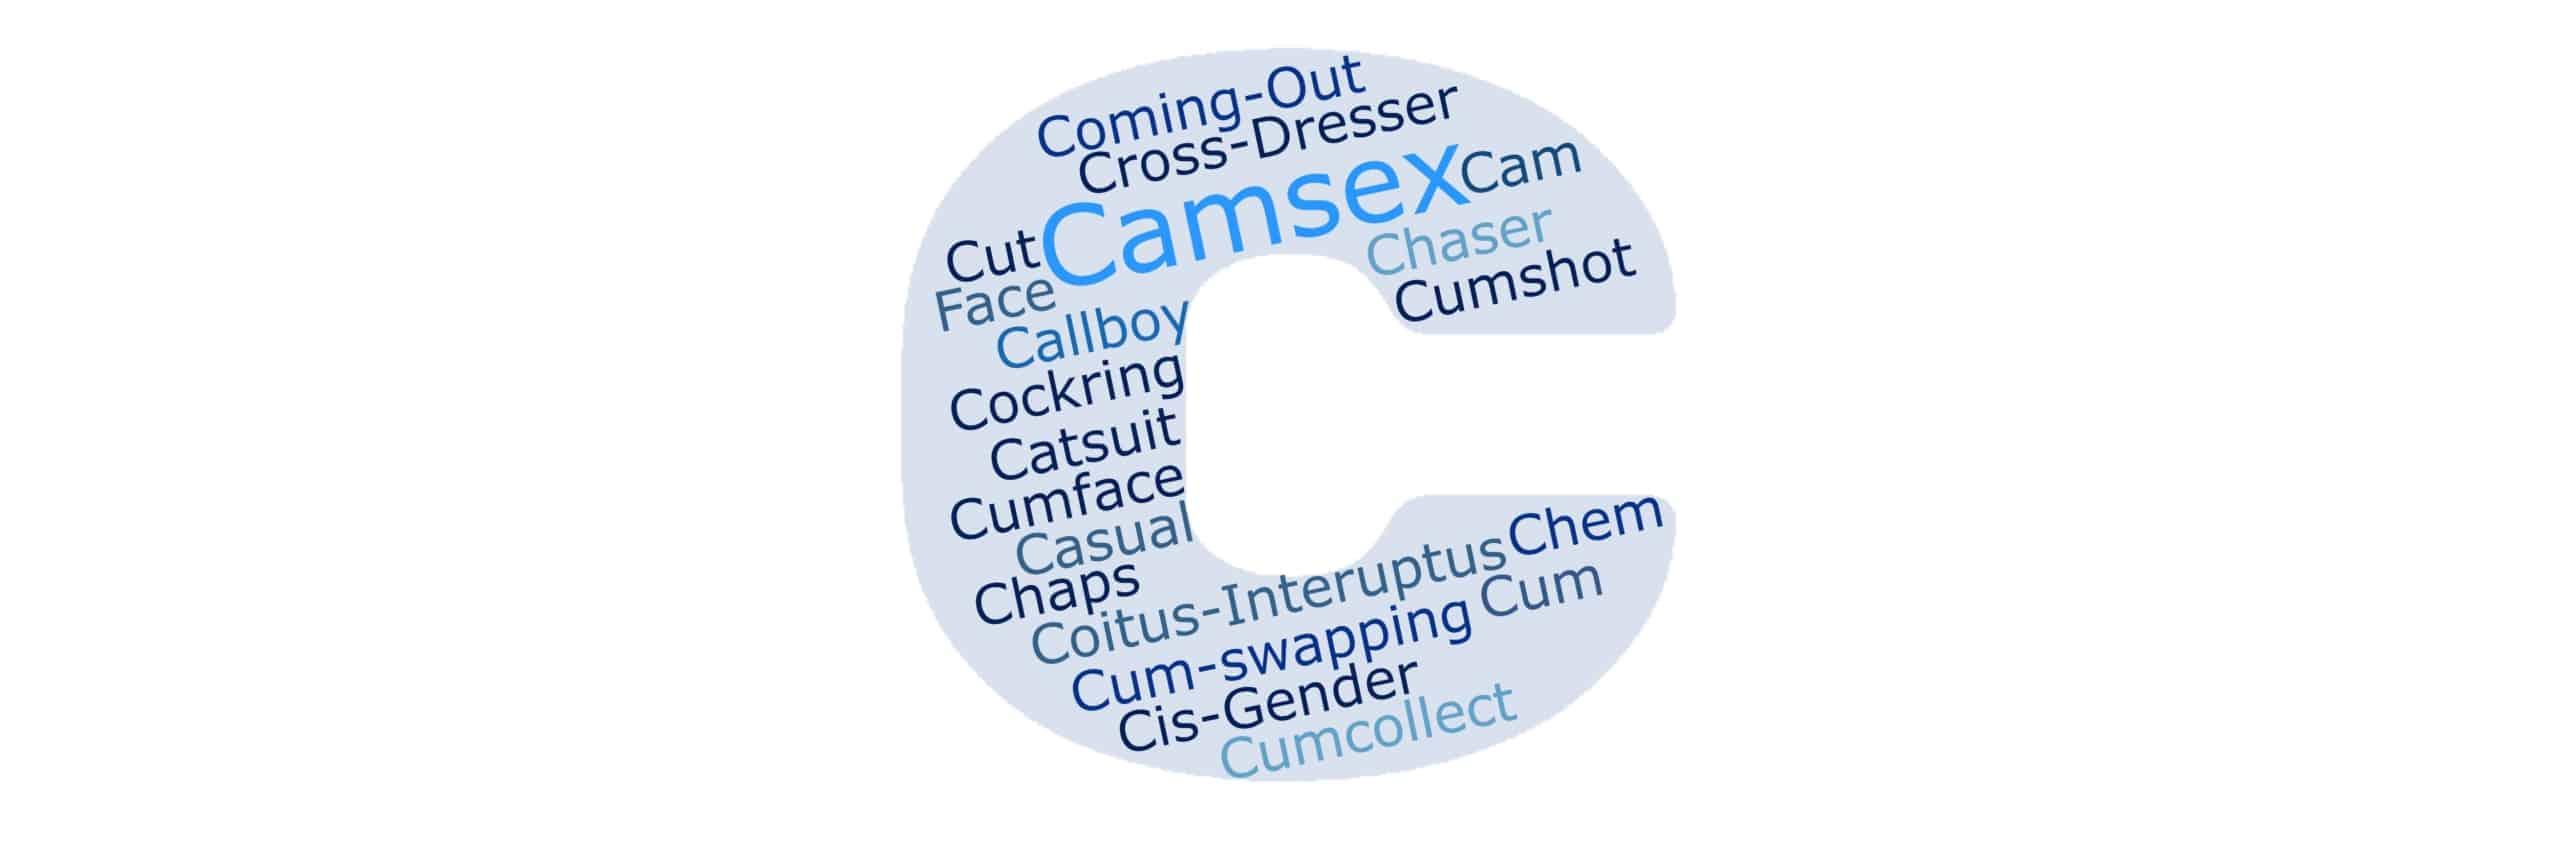 Camsex